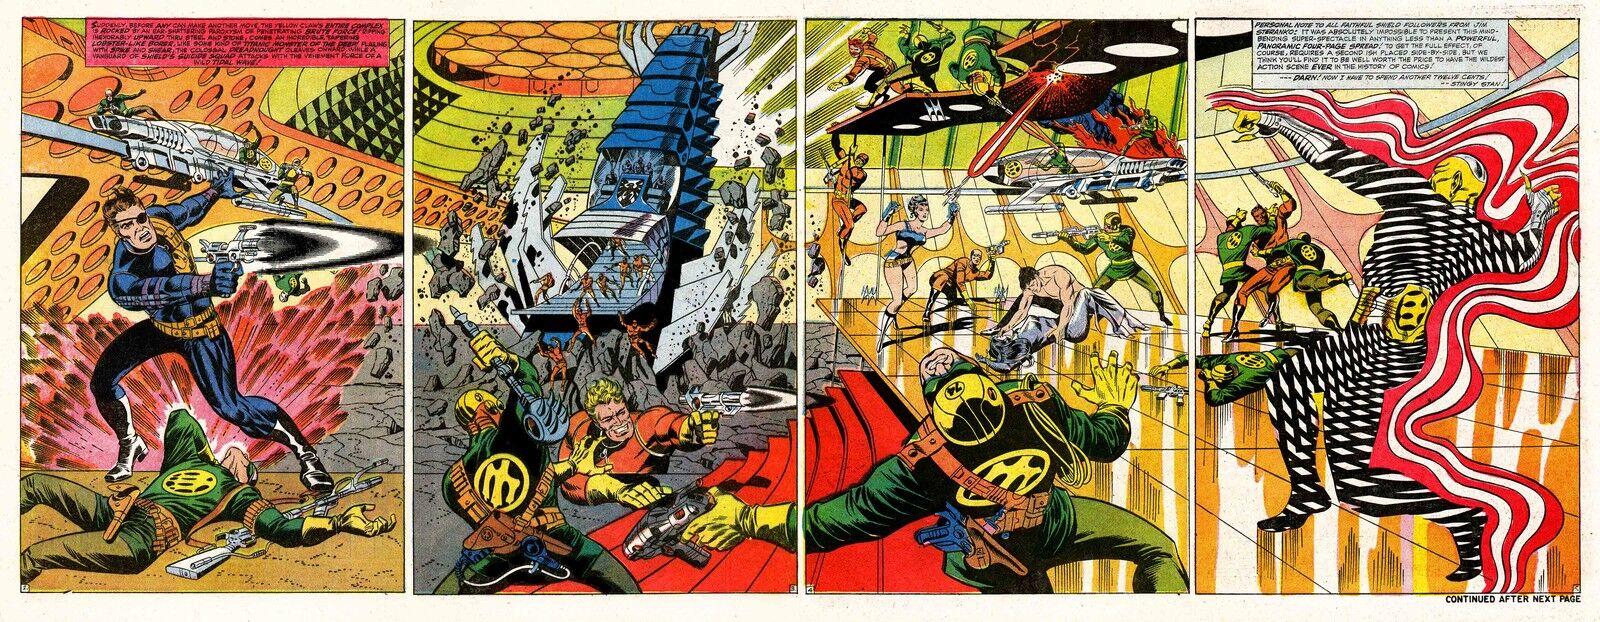 SafeShip Comics